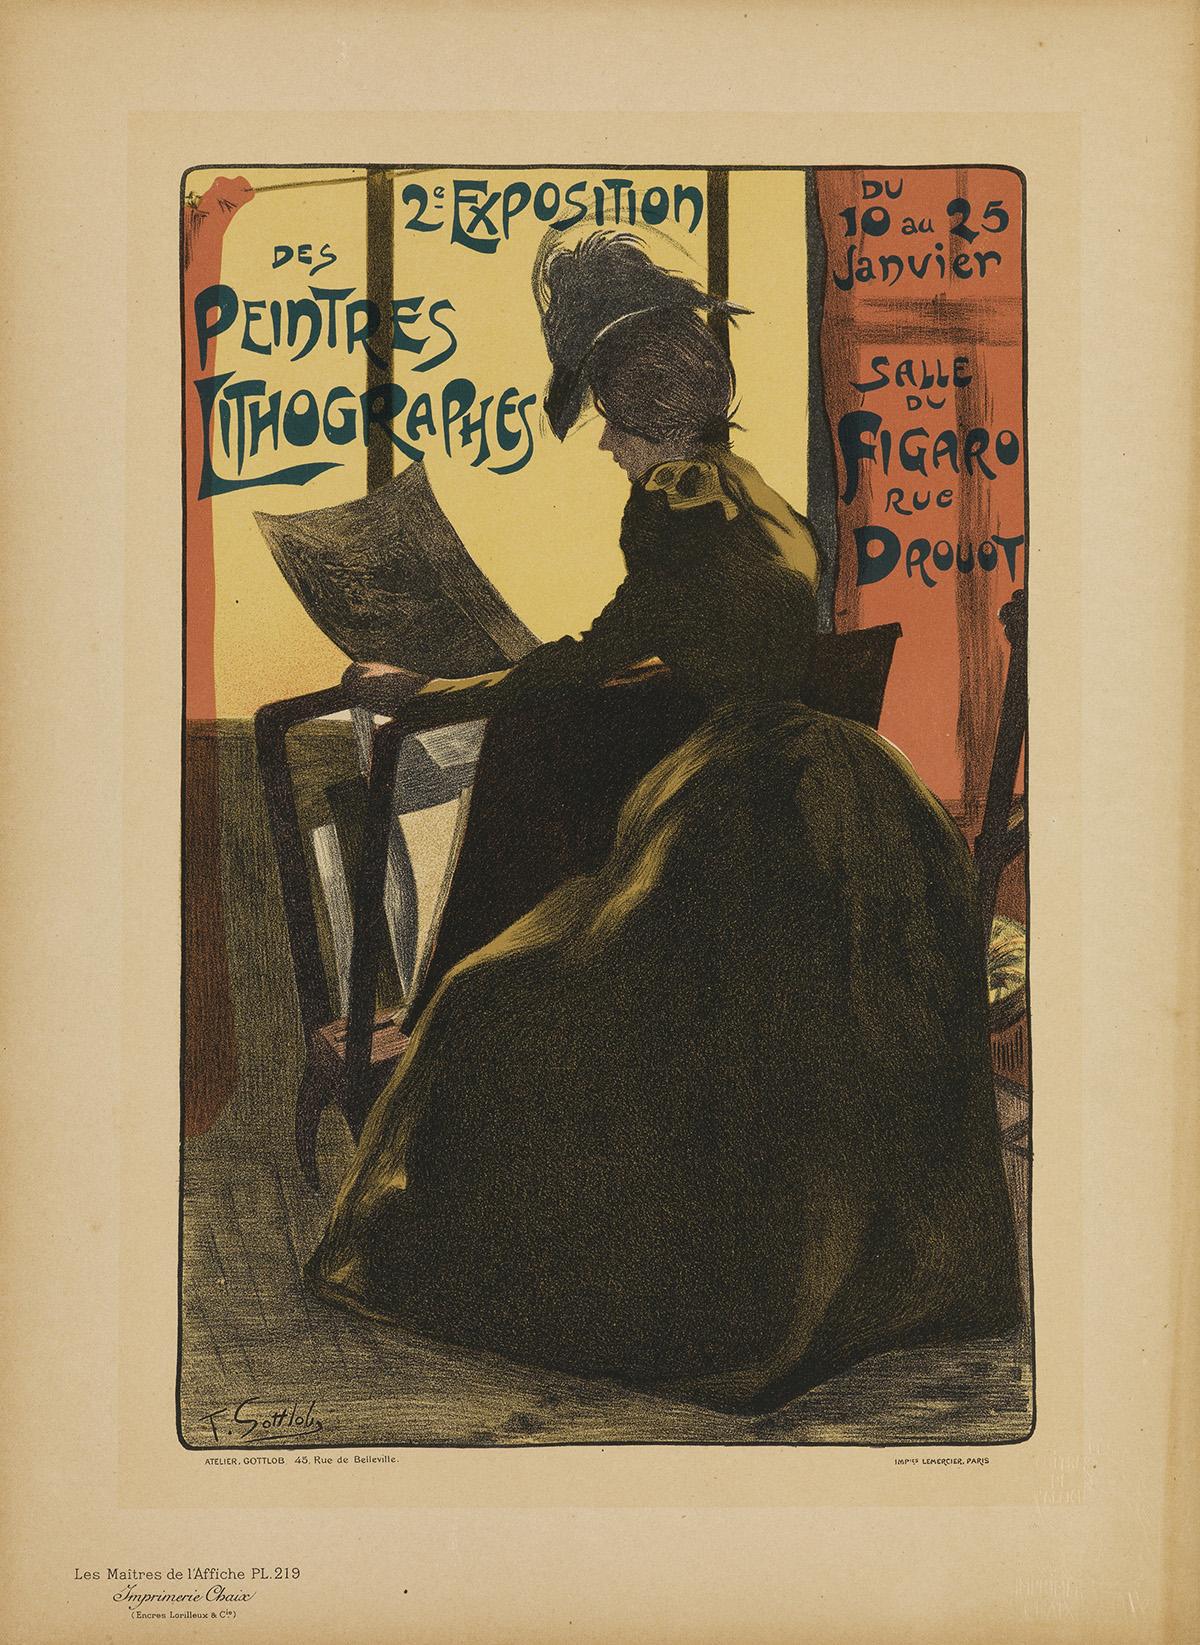 VARIOUS ARTISTS. LES MAÎTRES DE LAFFICHE. Group of 15 plates. 1896-1900. Each 15x11 inches, 39x29 cm. Chaix, Paris.